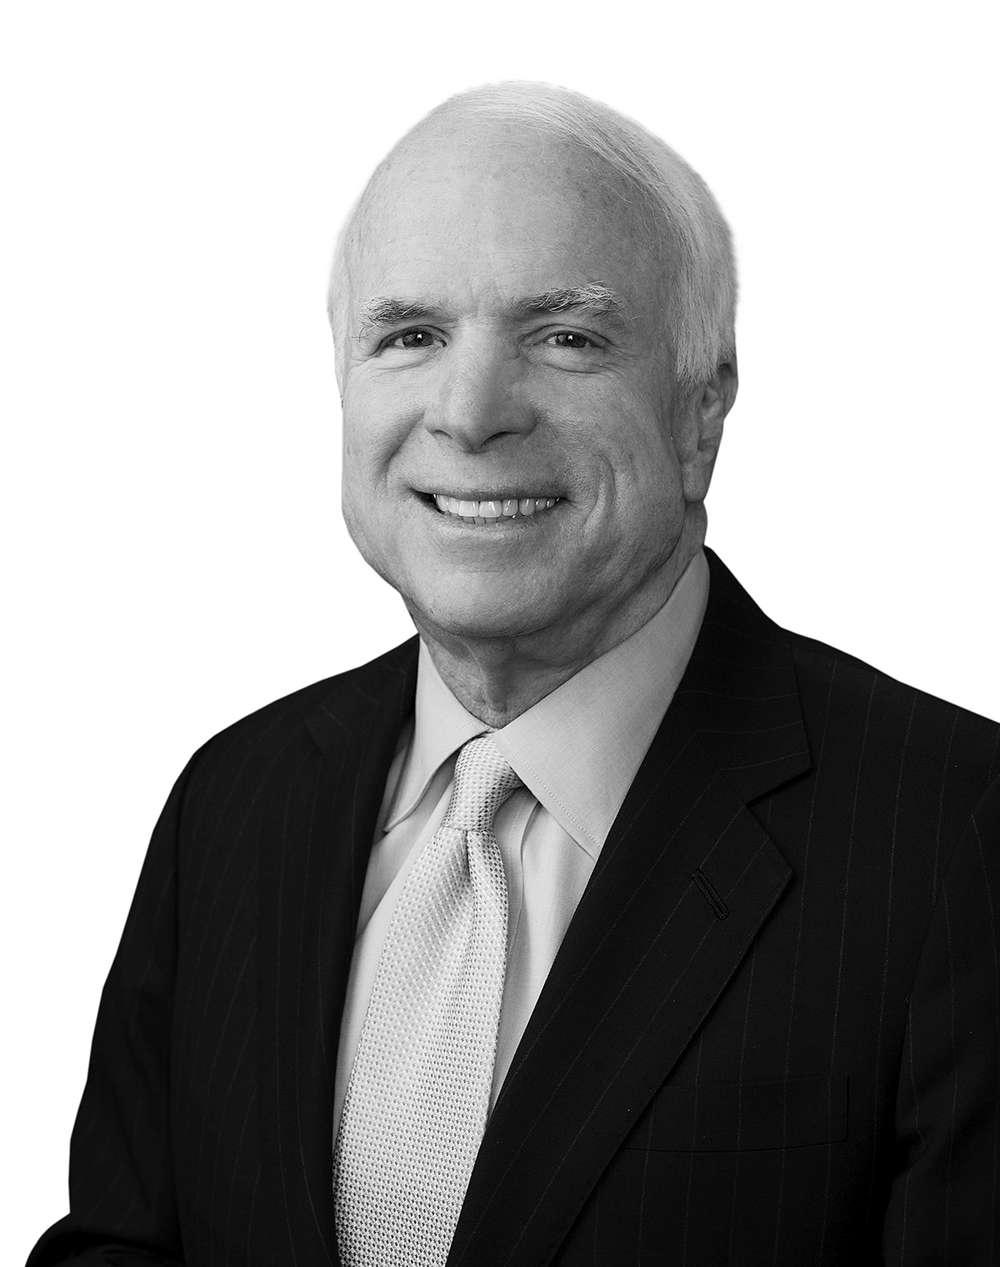 14. John McCain